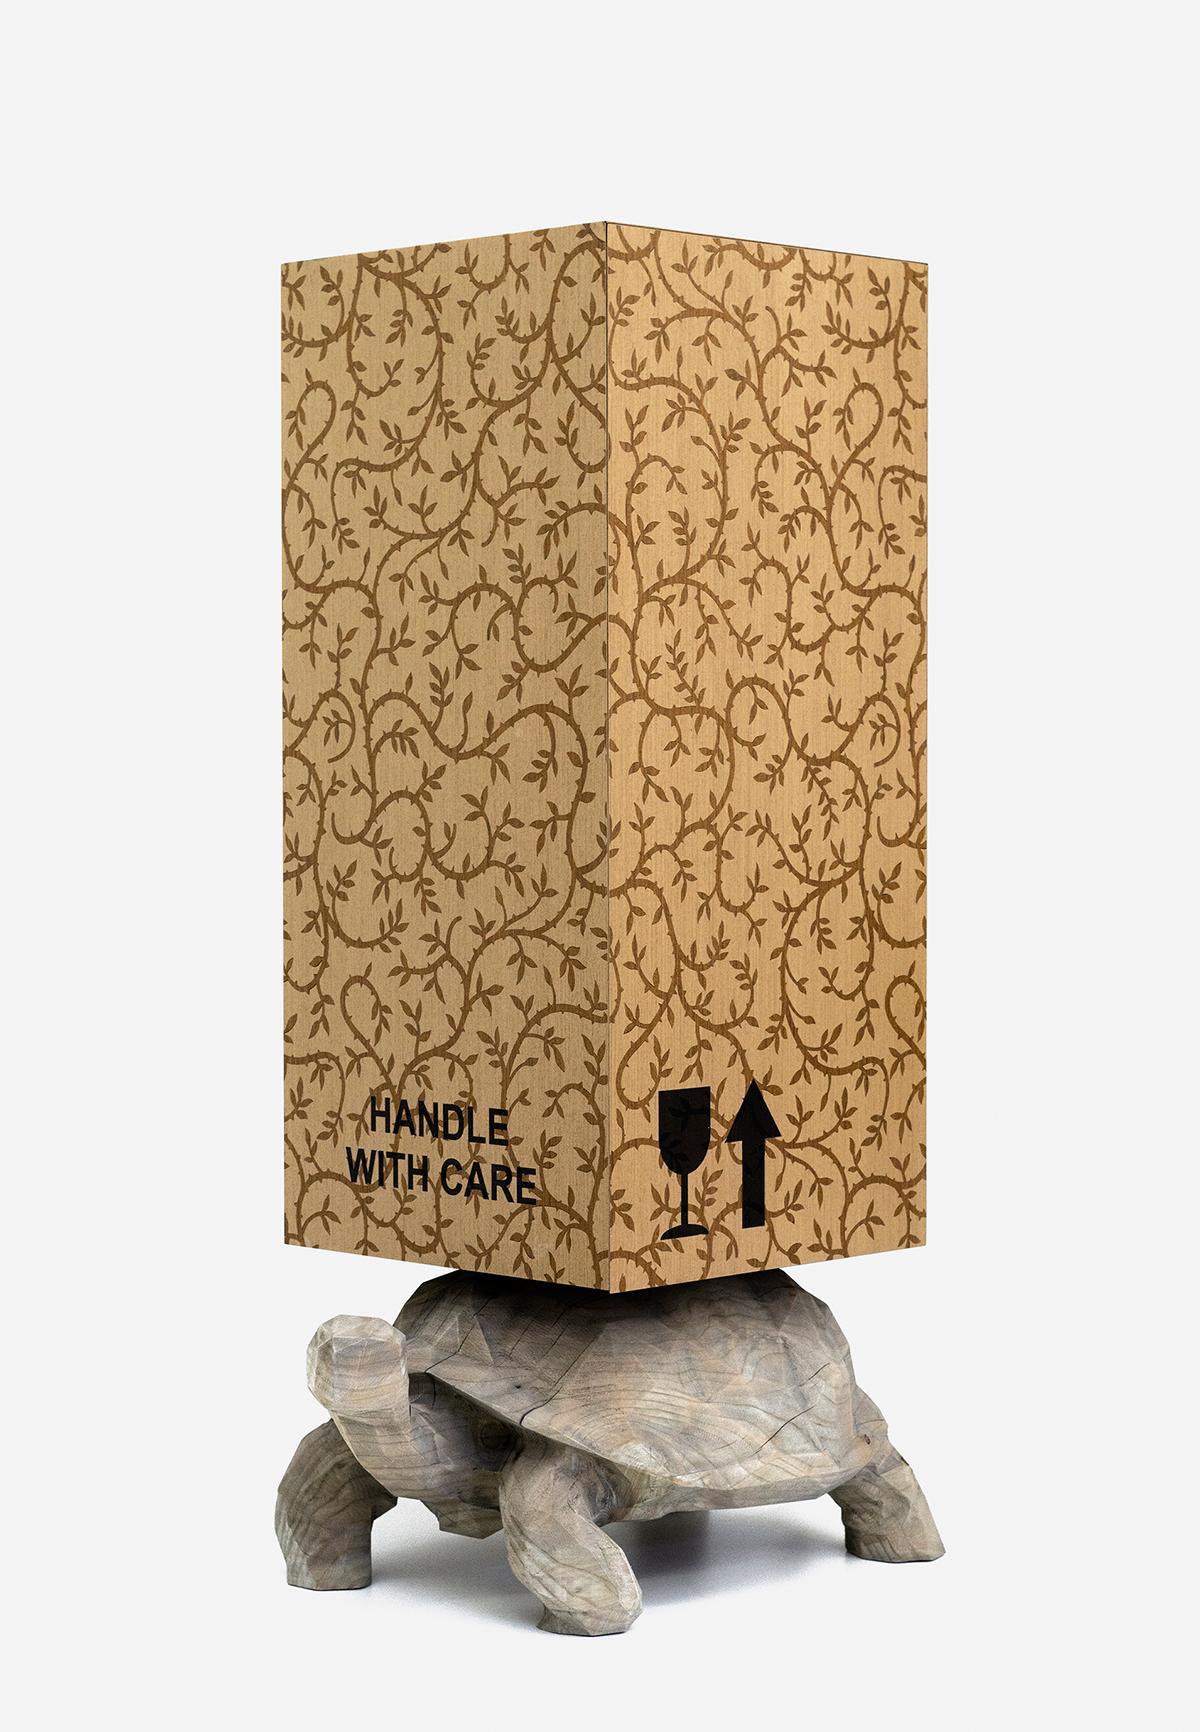 TURTLE CASE - Marcantonio design